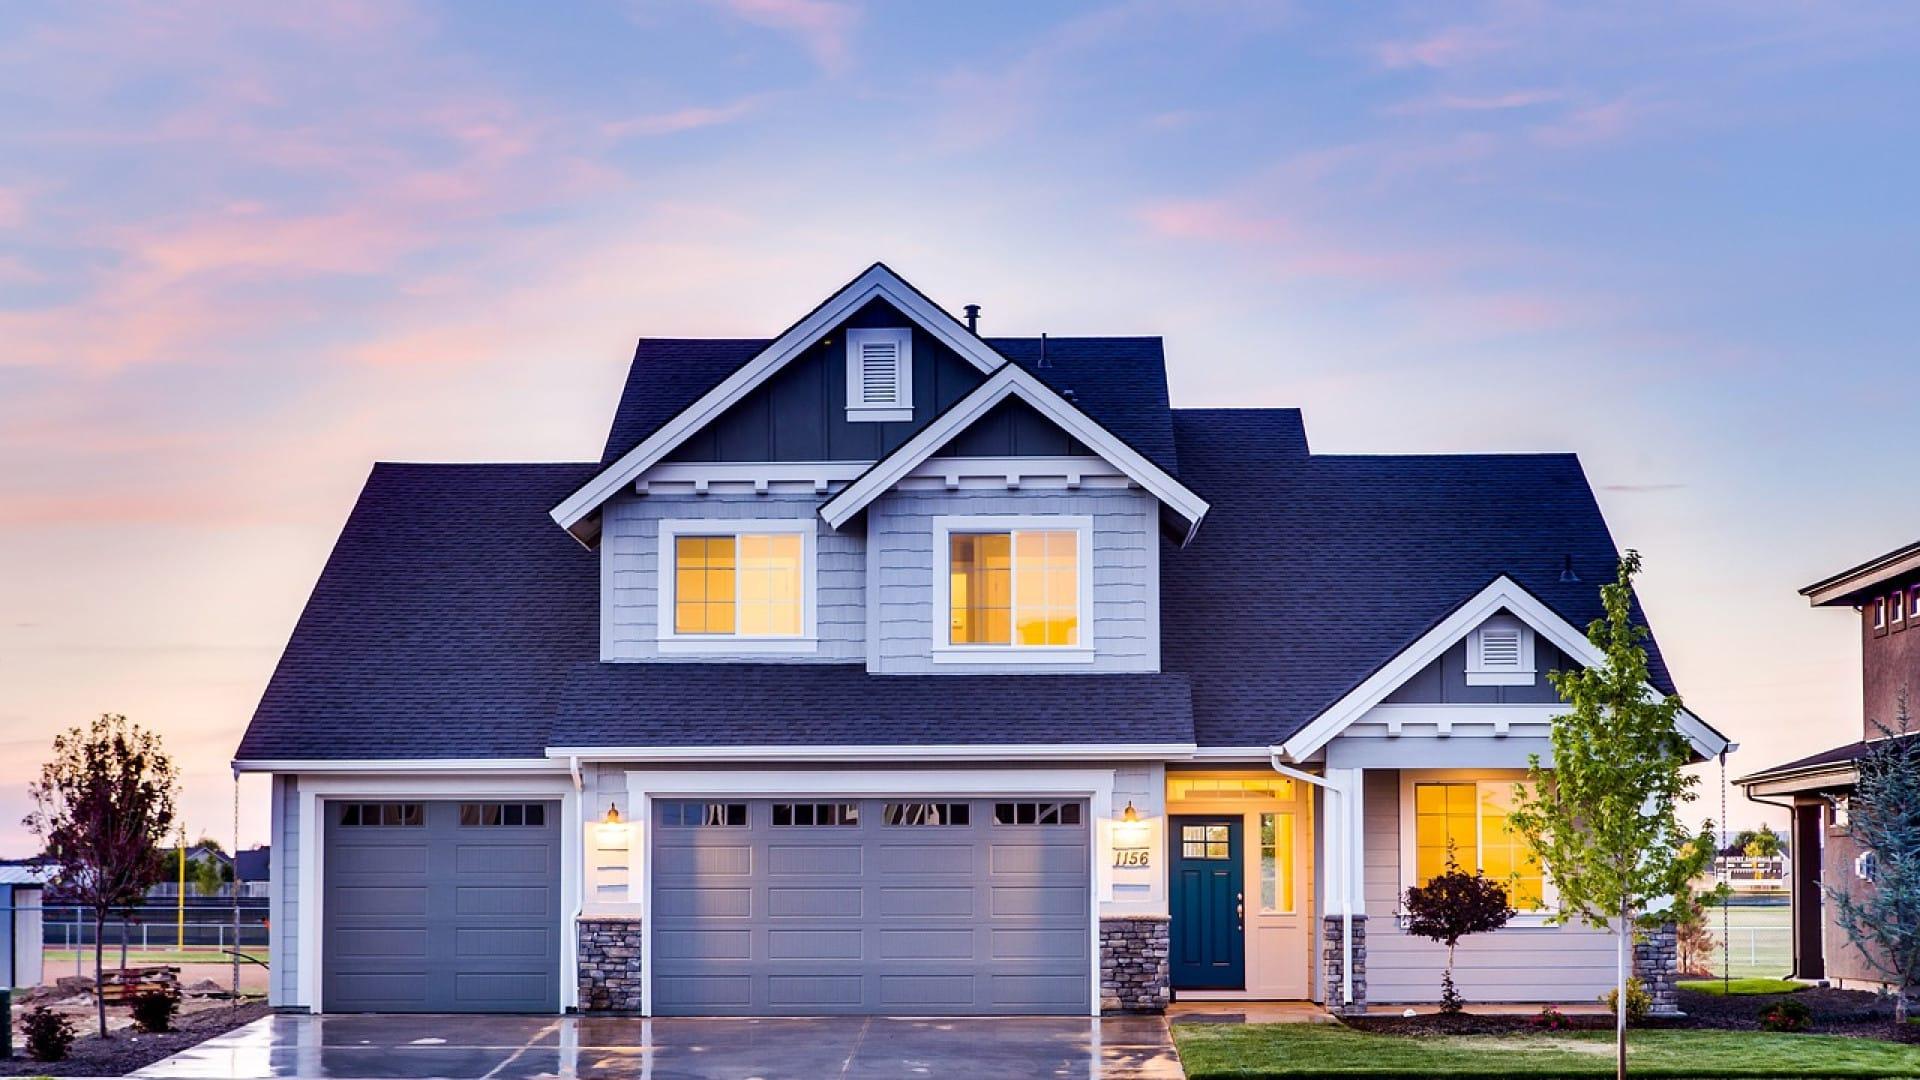 Pourquoi devriez-vous consulter des sites sur l'immobilier?